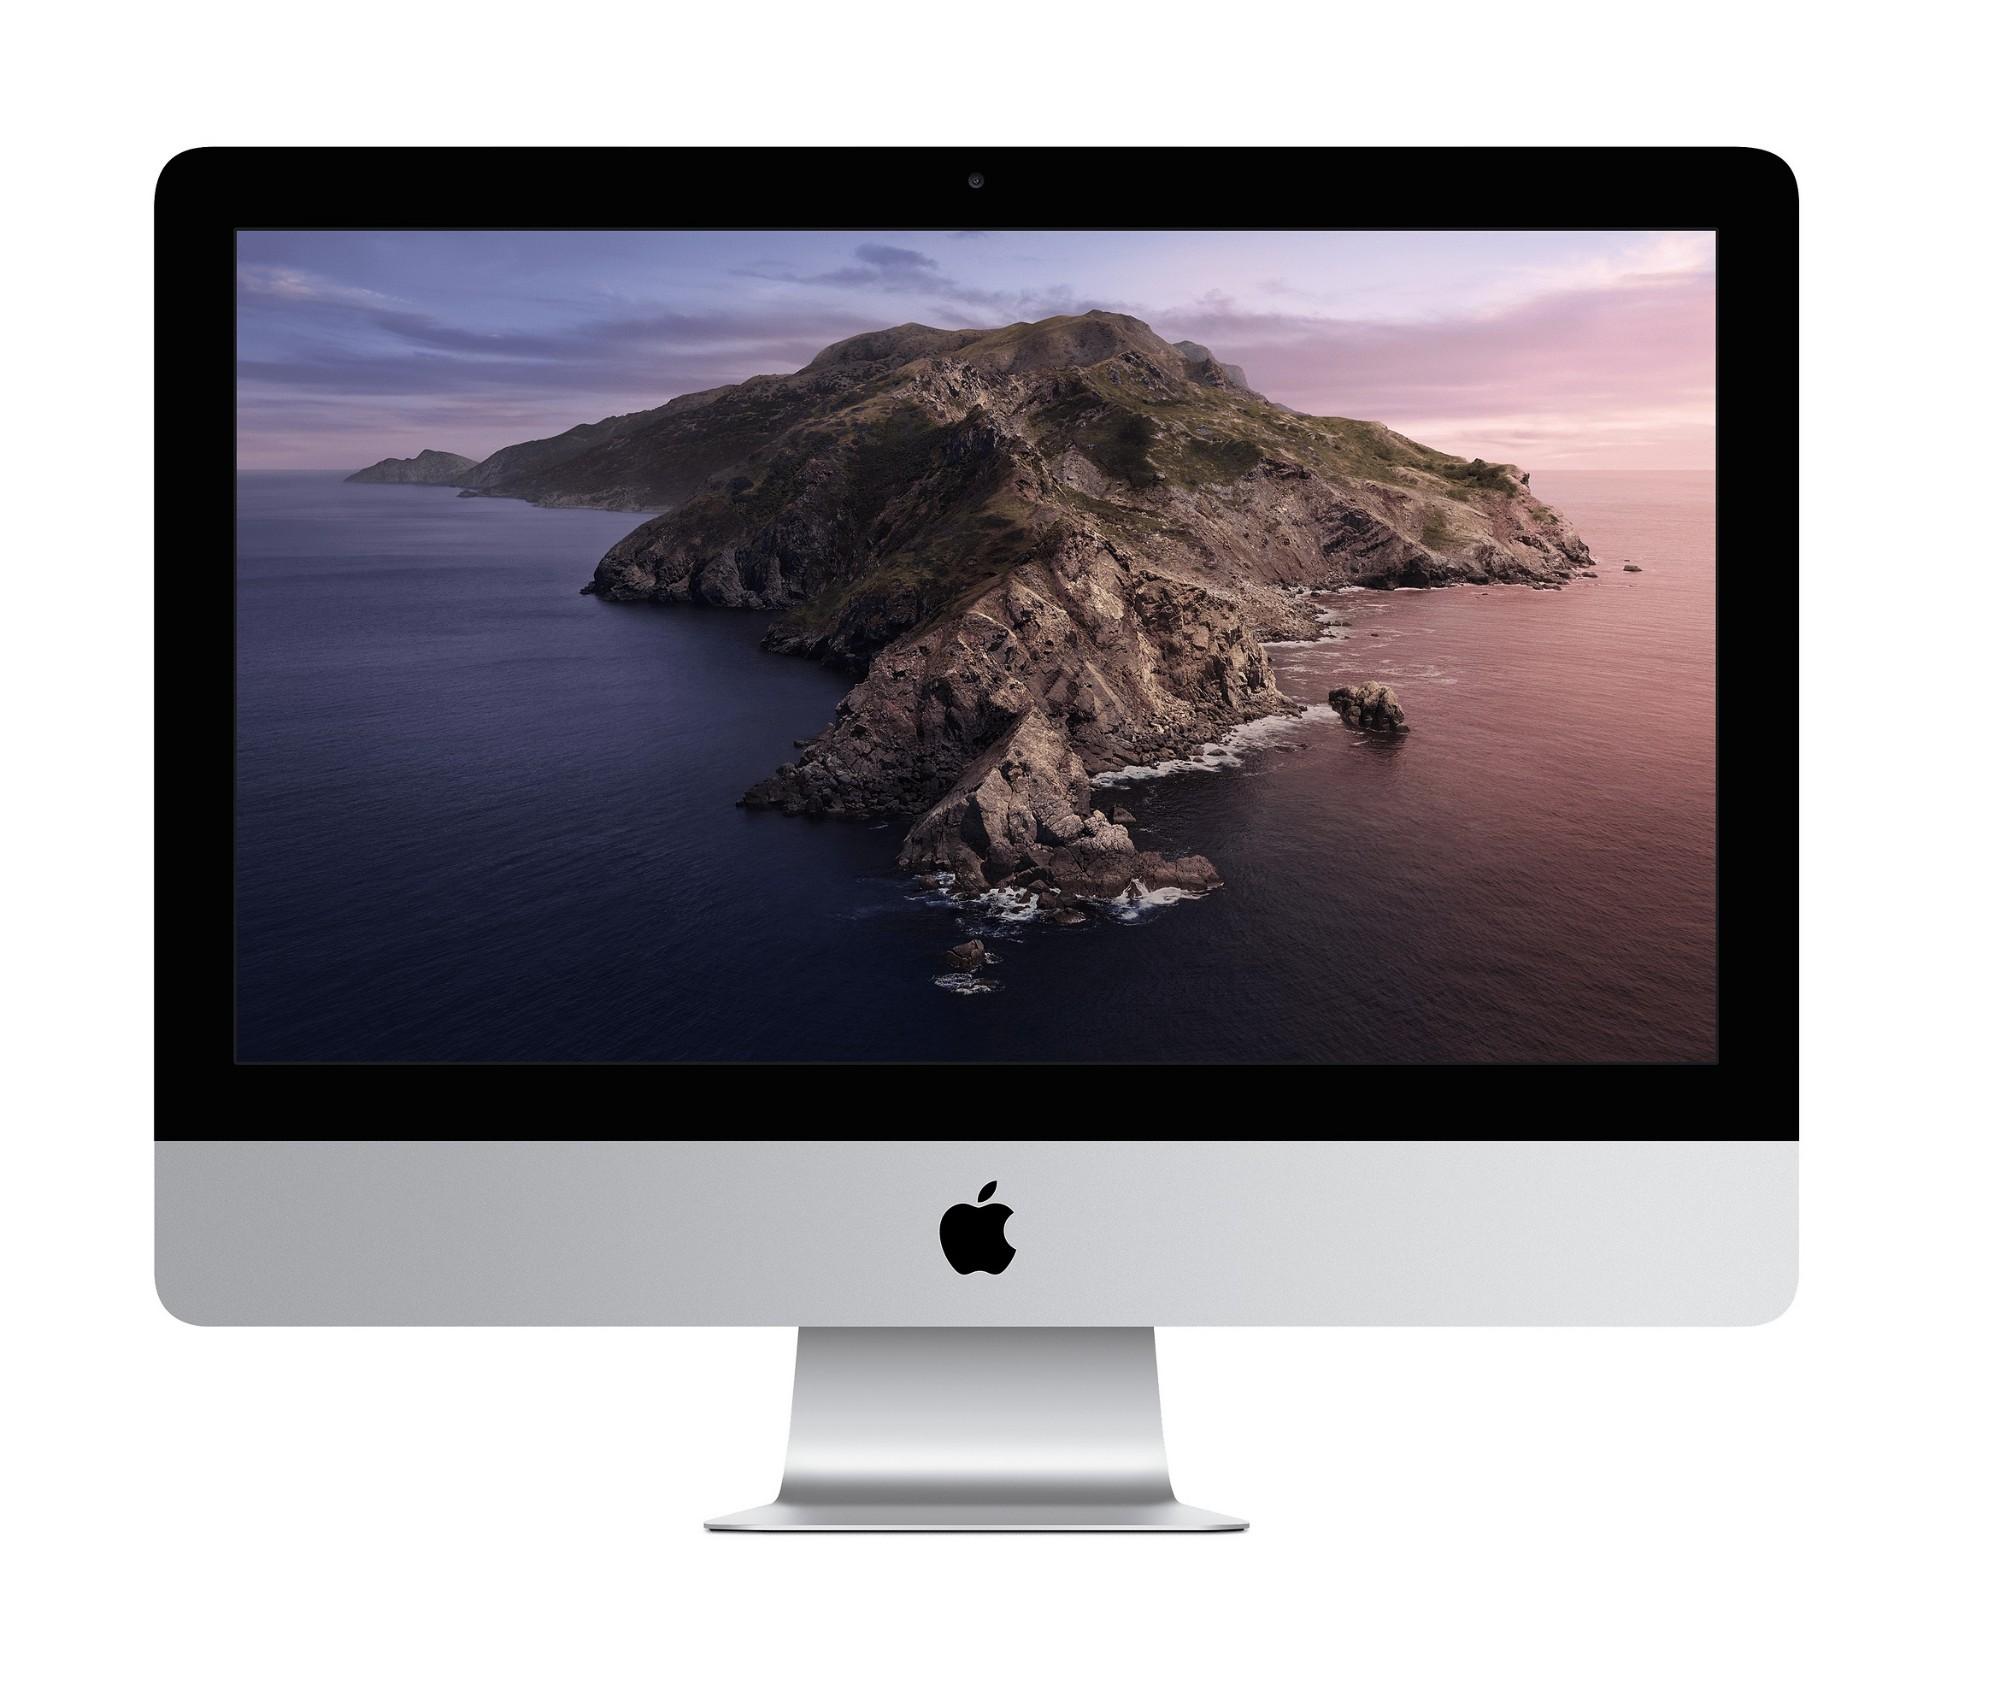 """Apple iMac 54.6 cm (21.5"""") 4096 x 2304 pixels 8th gen Intel® Core™ i5 8 GB DDR4-SDRAM 256 GB SSD AMD Radeon Pro 560X Wi-Fi 5 (802.11ac) Silver All-in-One PC macOS Catalina 10.15"""